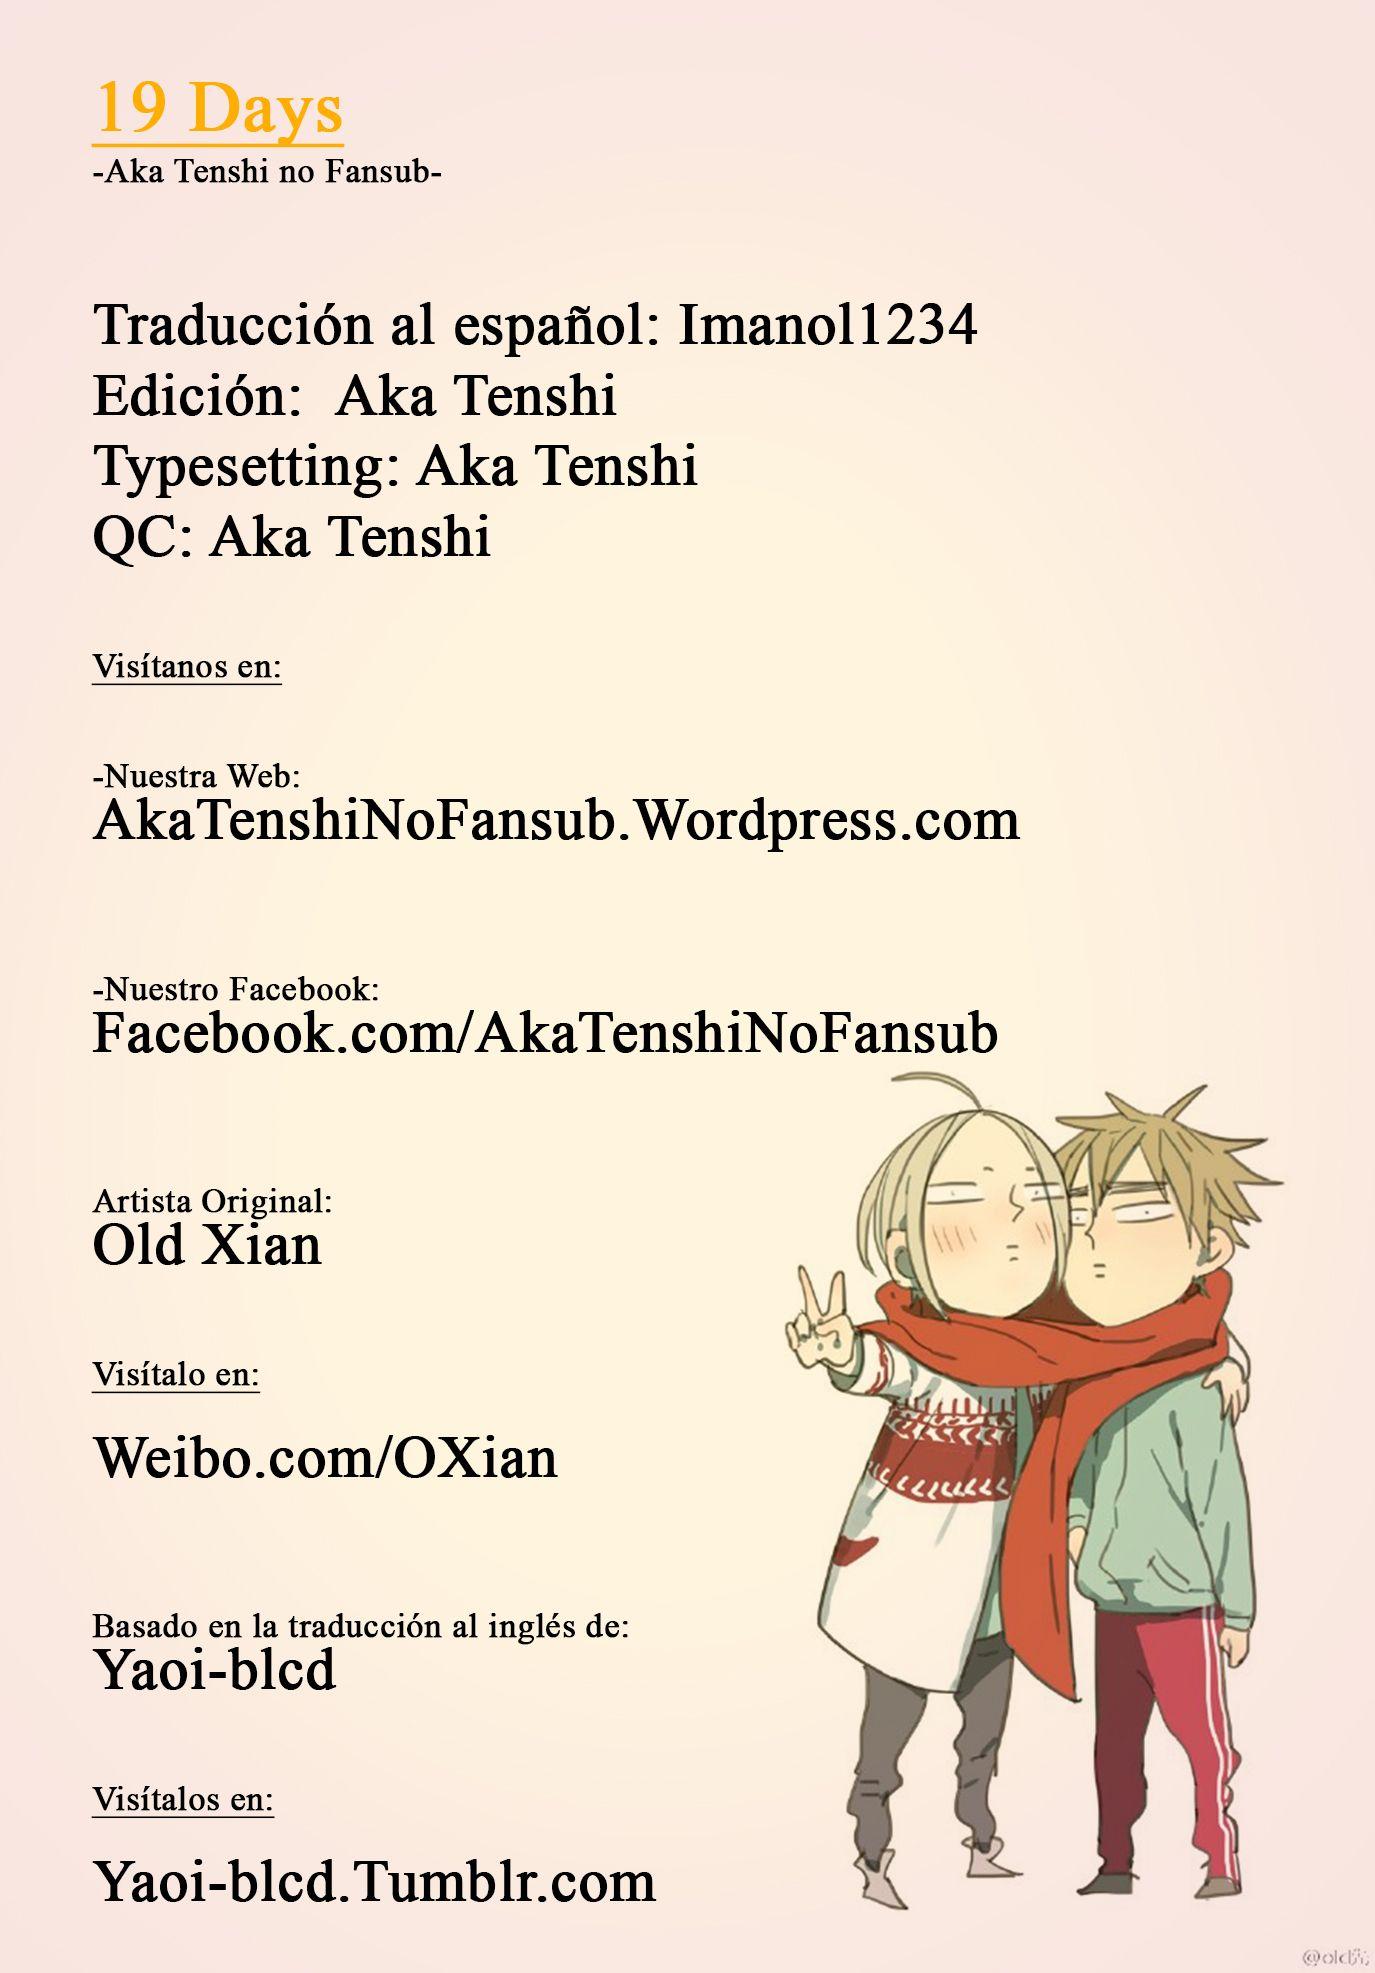 http://c5.ninemanga.com/es_manga/7/15943/454422/833cc7b10966fa0202801496bffccb37.jpg Page 1